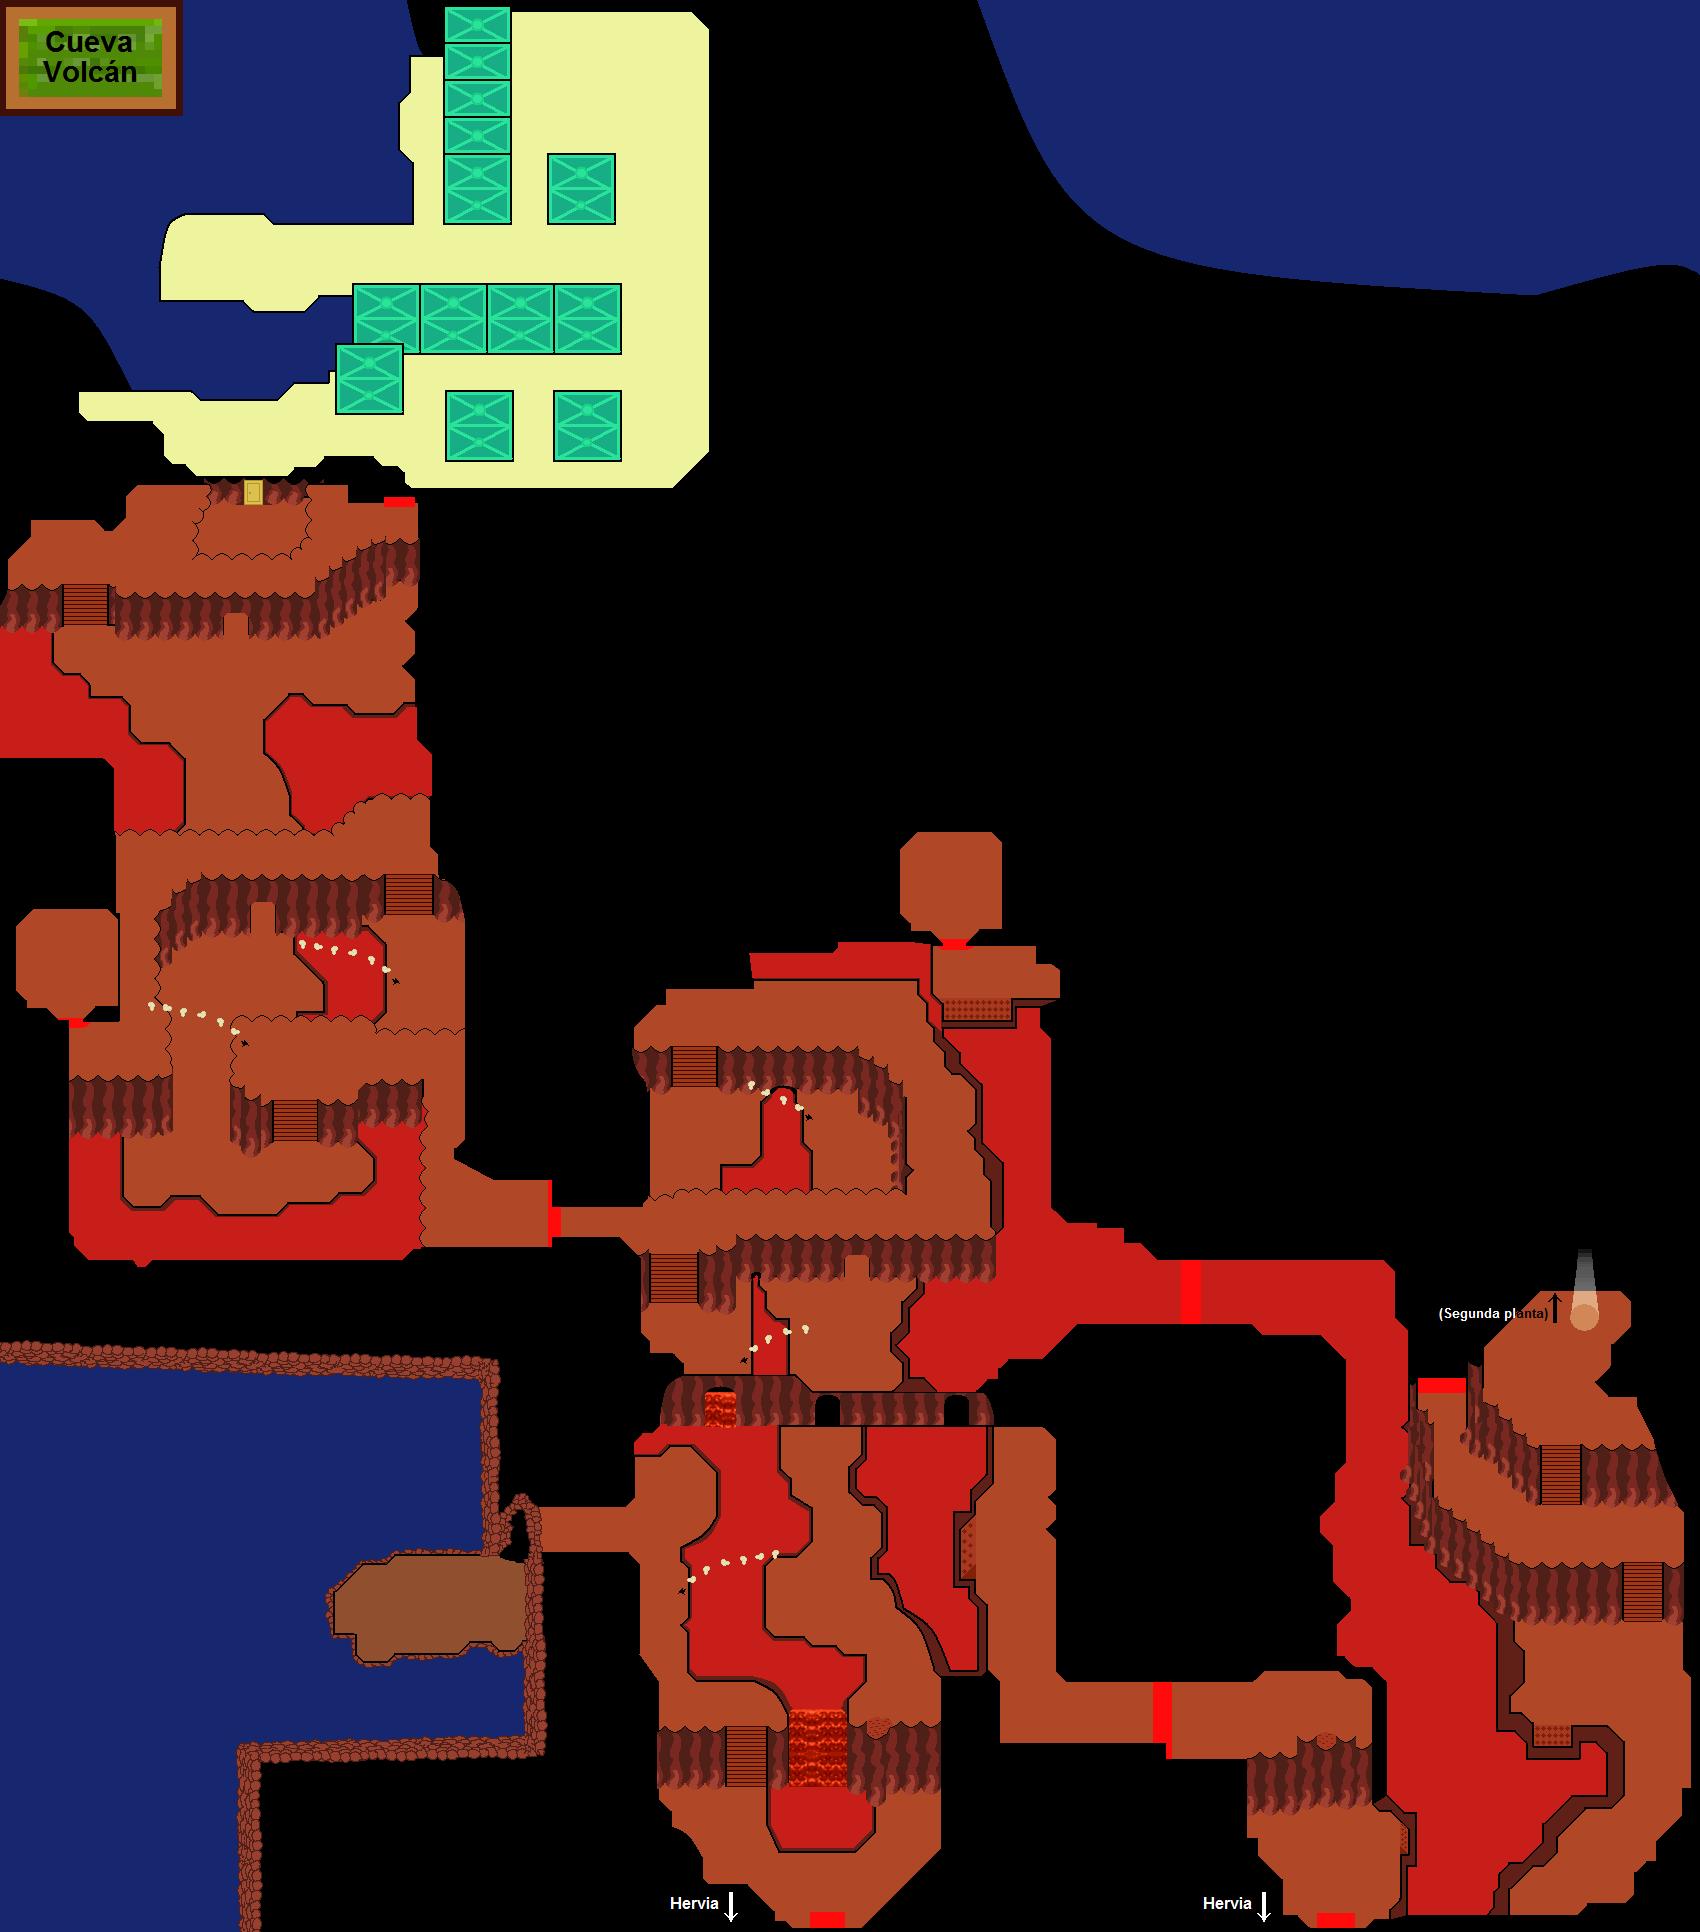 Plano de la primera planta de la Cueva Volcán.